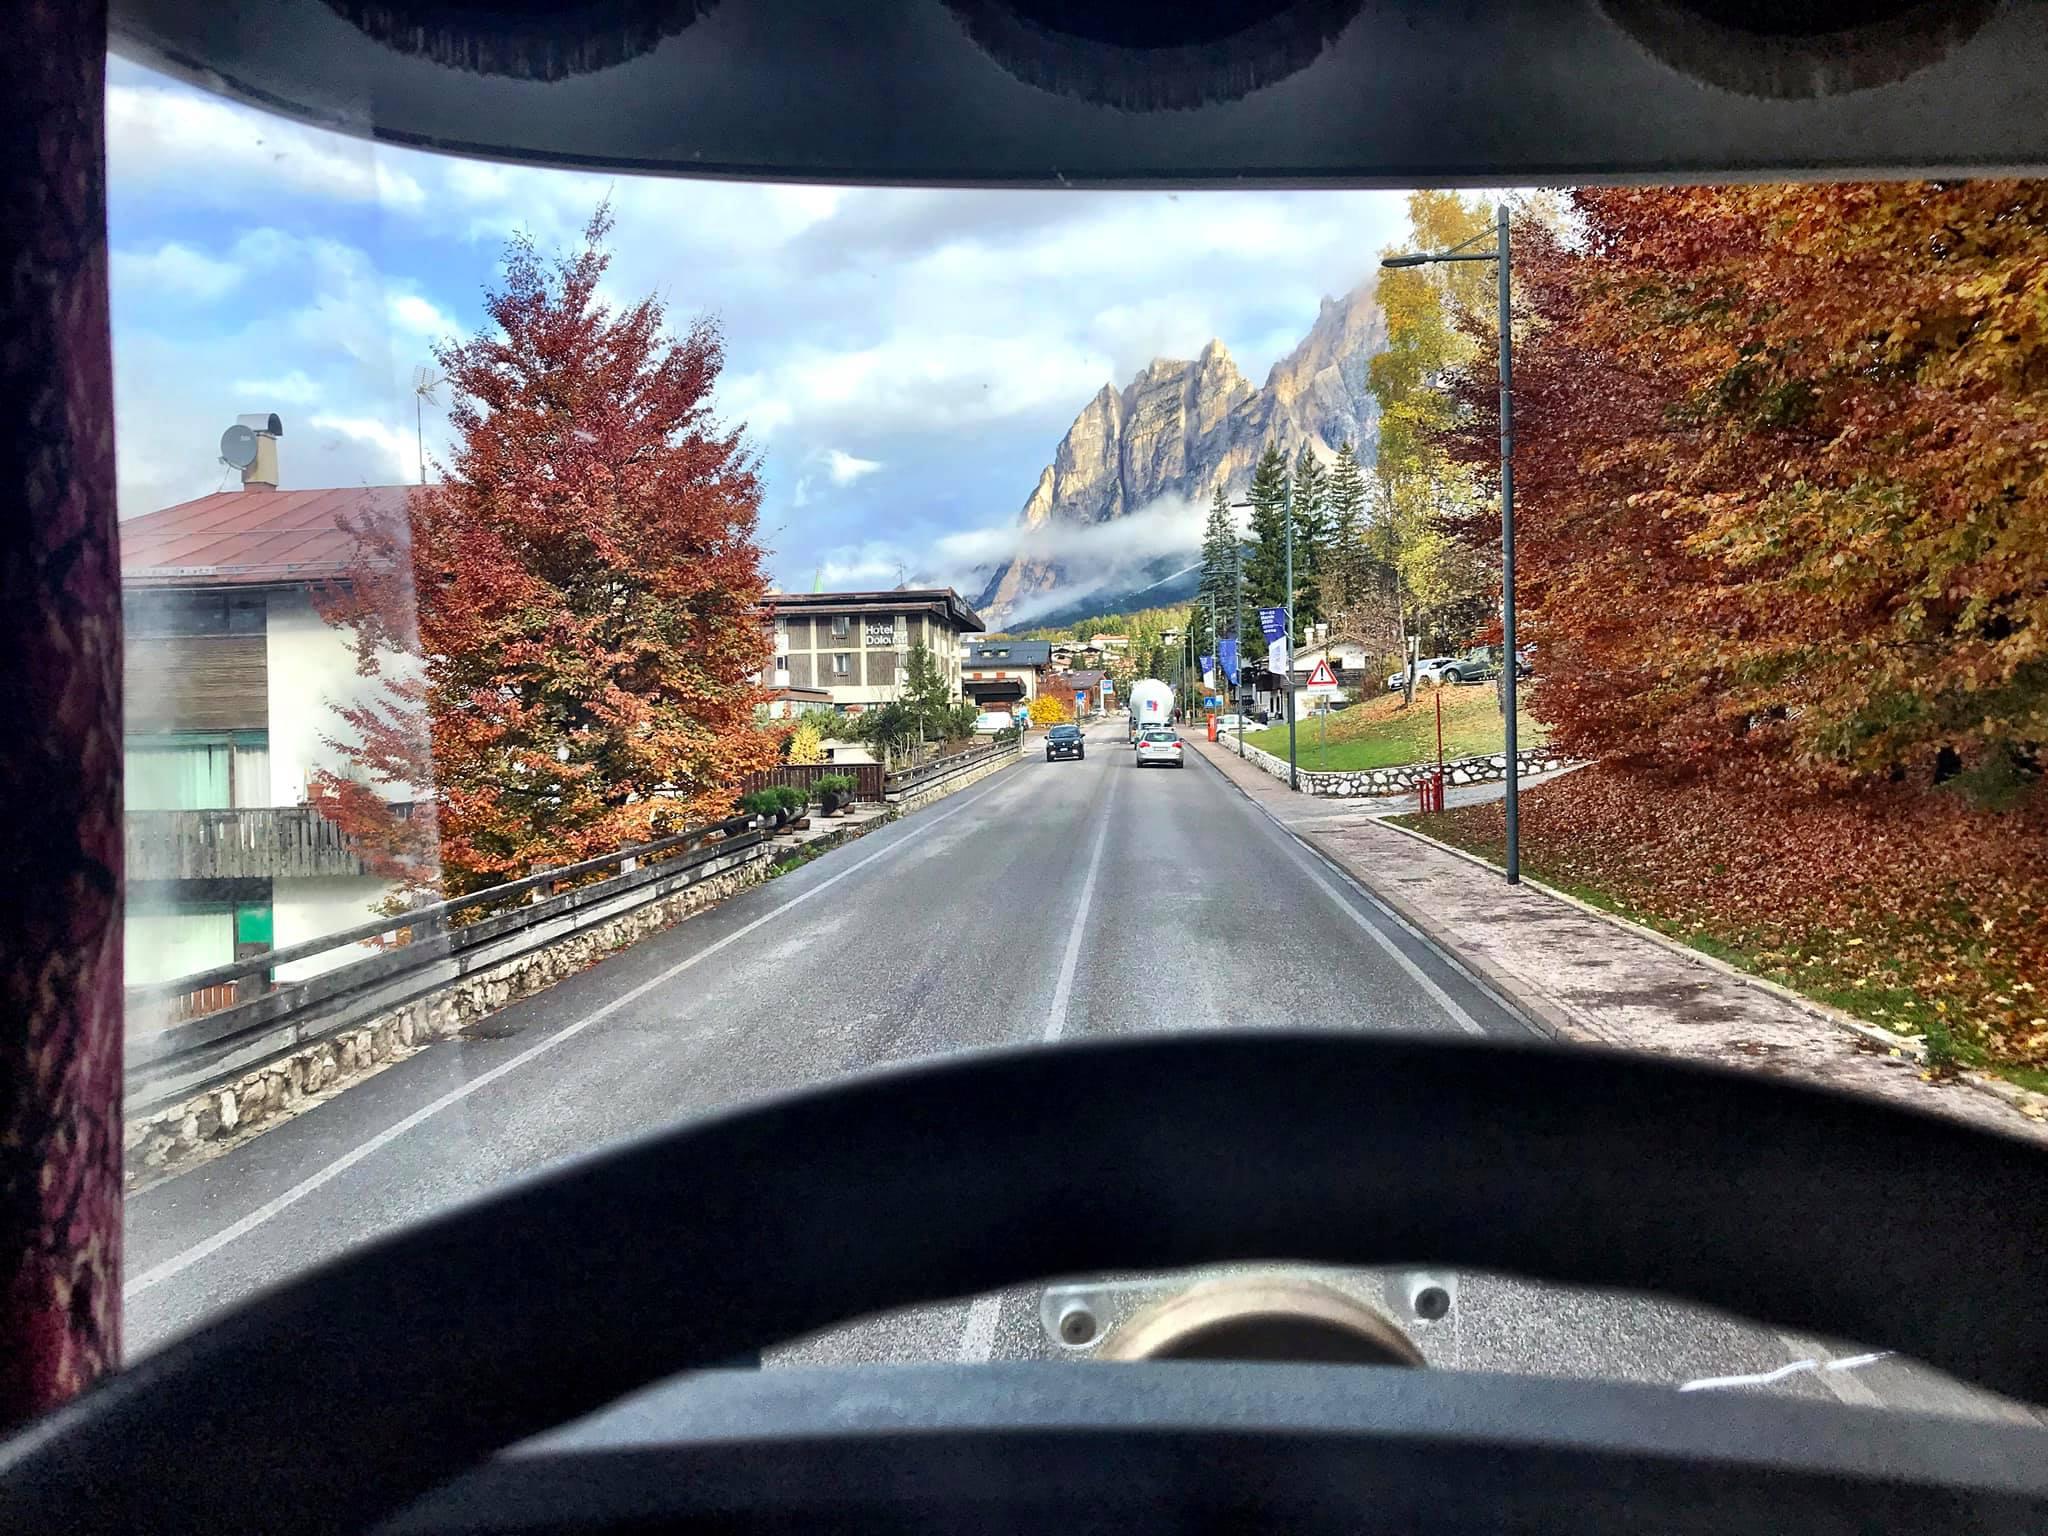 Pols-Sie-in-noord-Italie--30-10-209-16